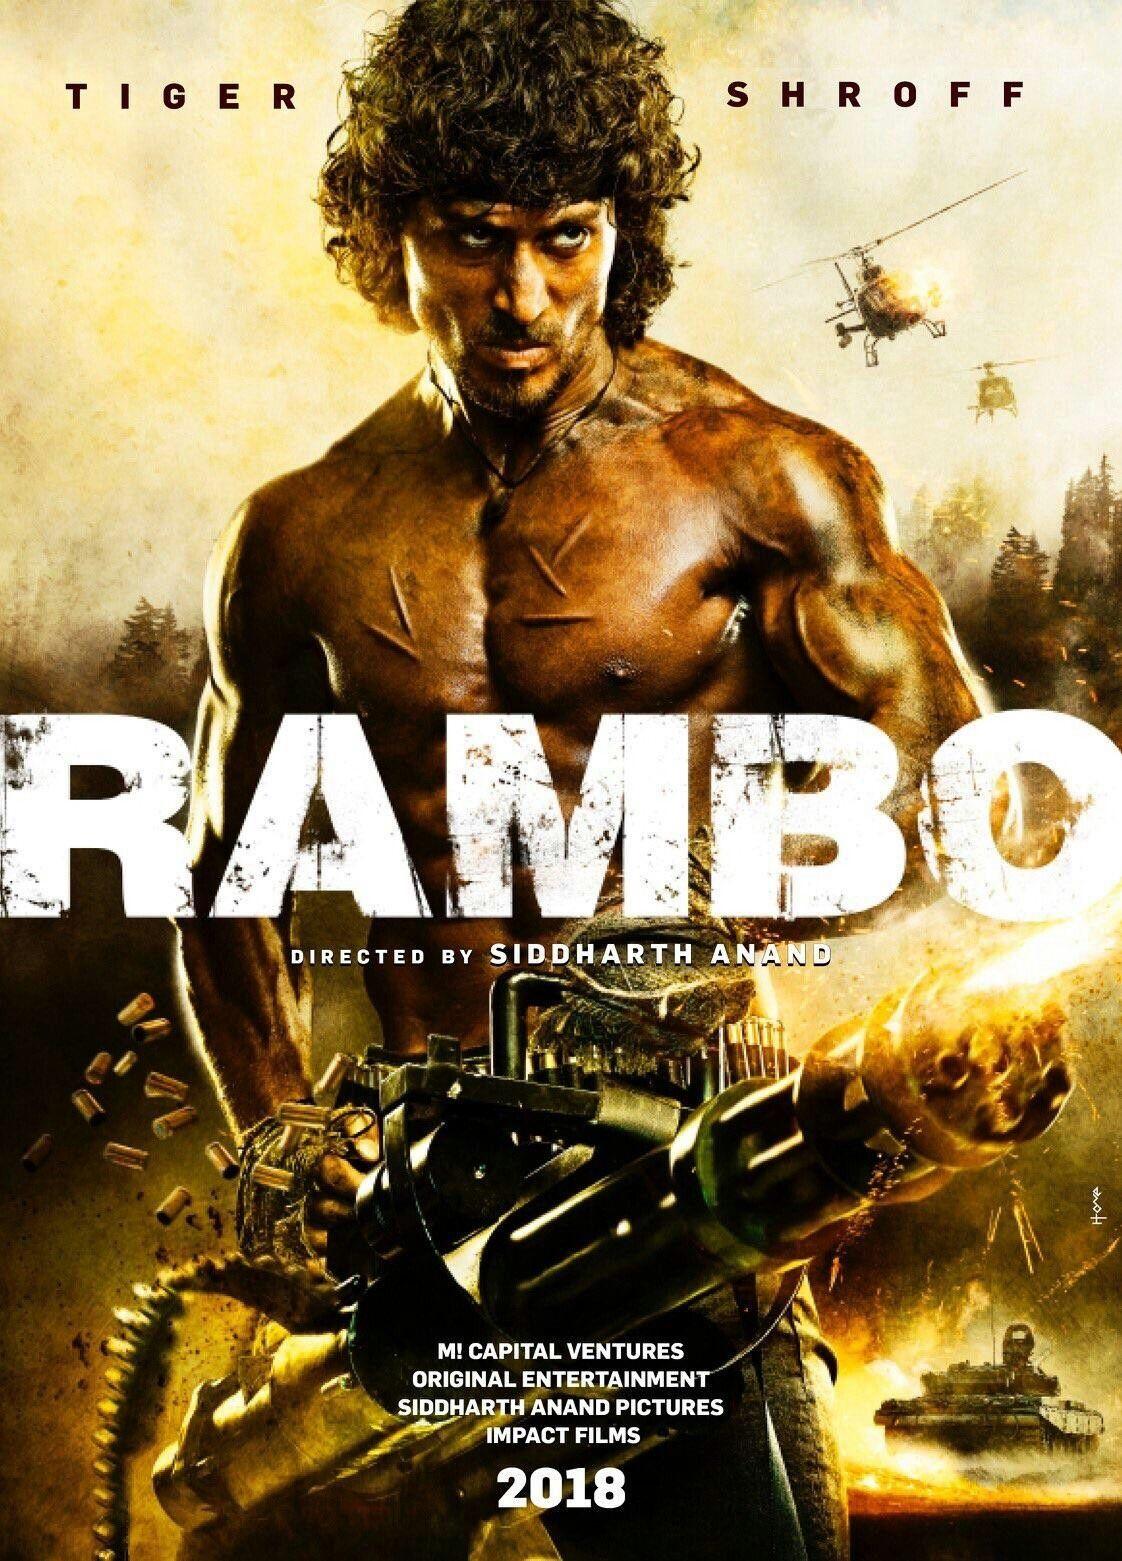 Rambo 2018 Fantastic Movie Posters Scifi Movie Posters Horror Movie Posters Action Movie Posters Drama Movie Full Movies Movies Online Full Movies Online